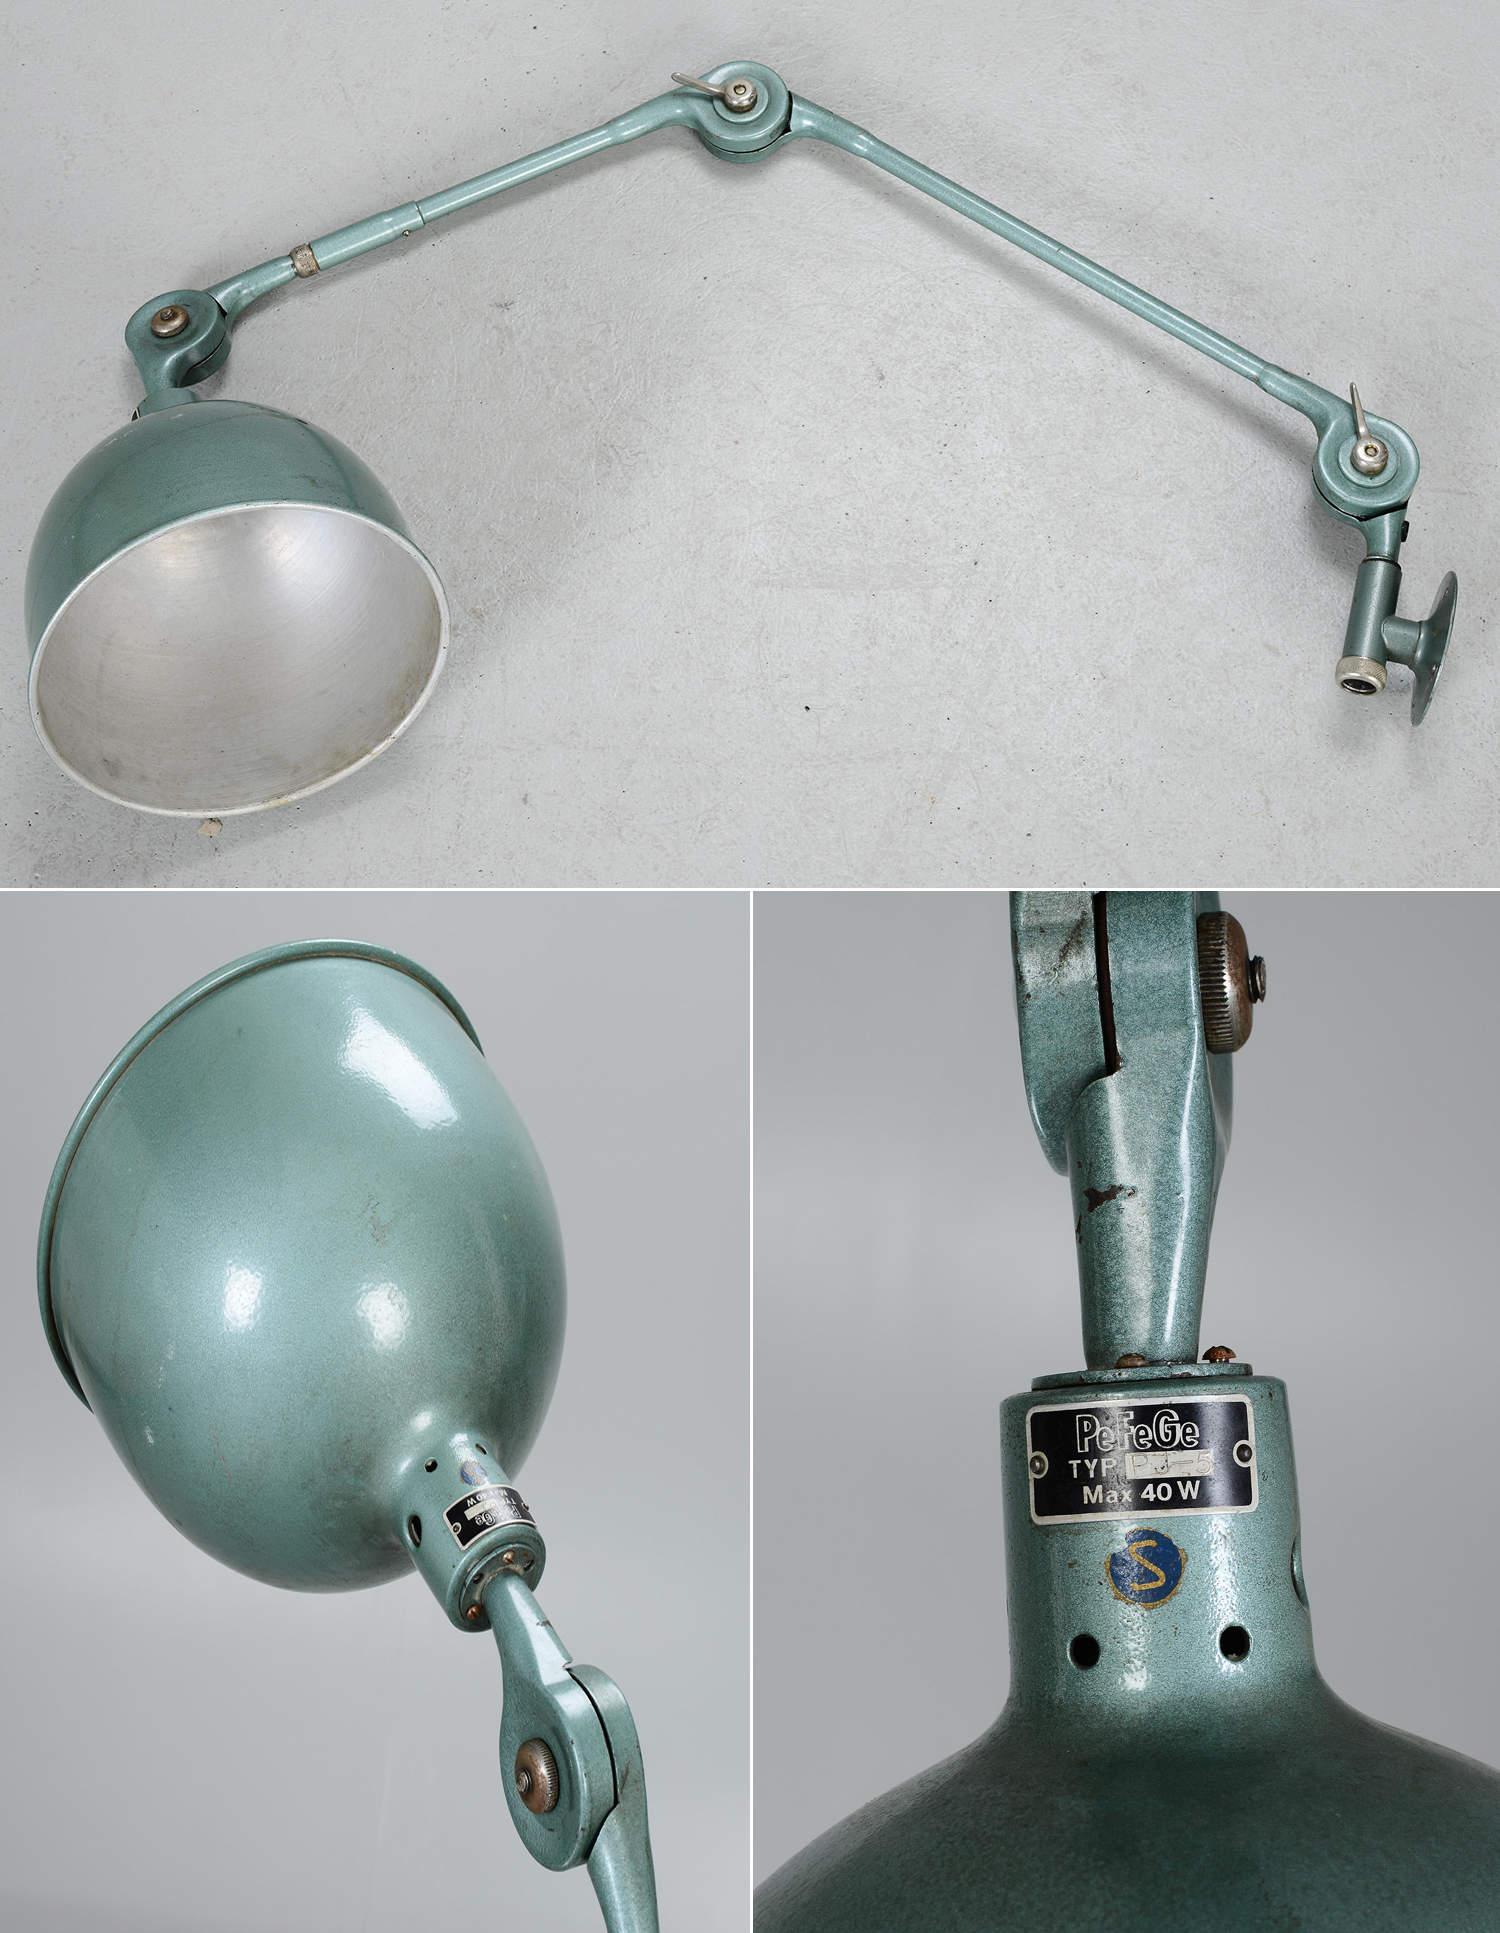 monica.karlstein.hemmafixbloggen.industrilampa.pefege